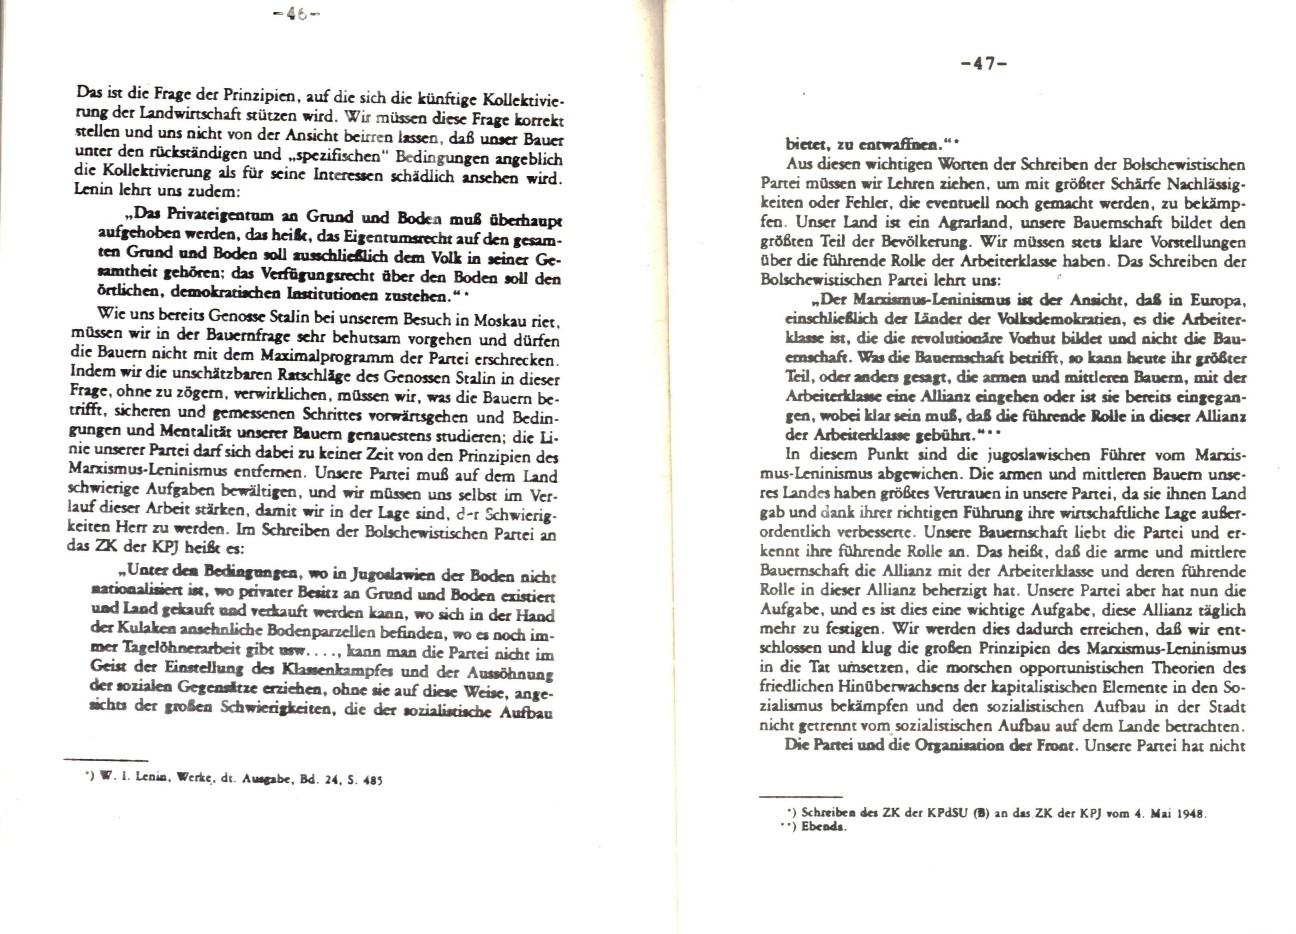 MLSK_Theorie_und_Praxis_des_ML_1979_24_25